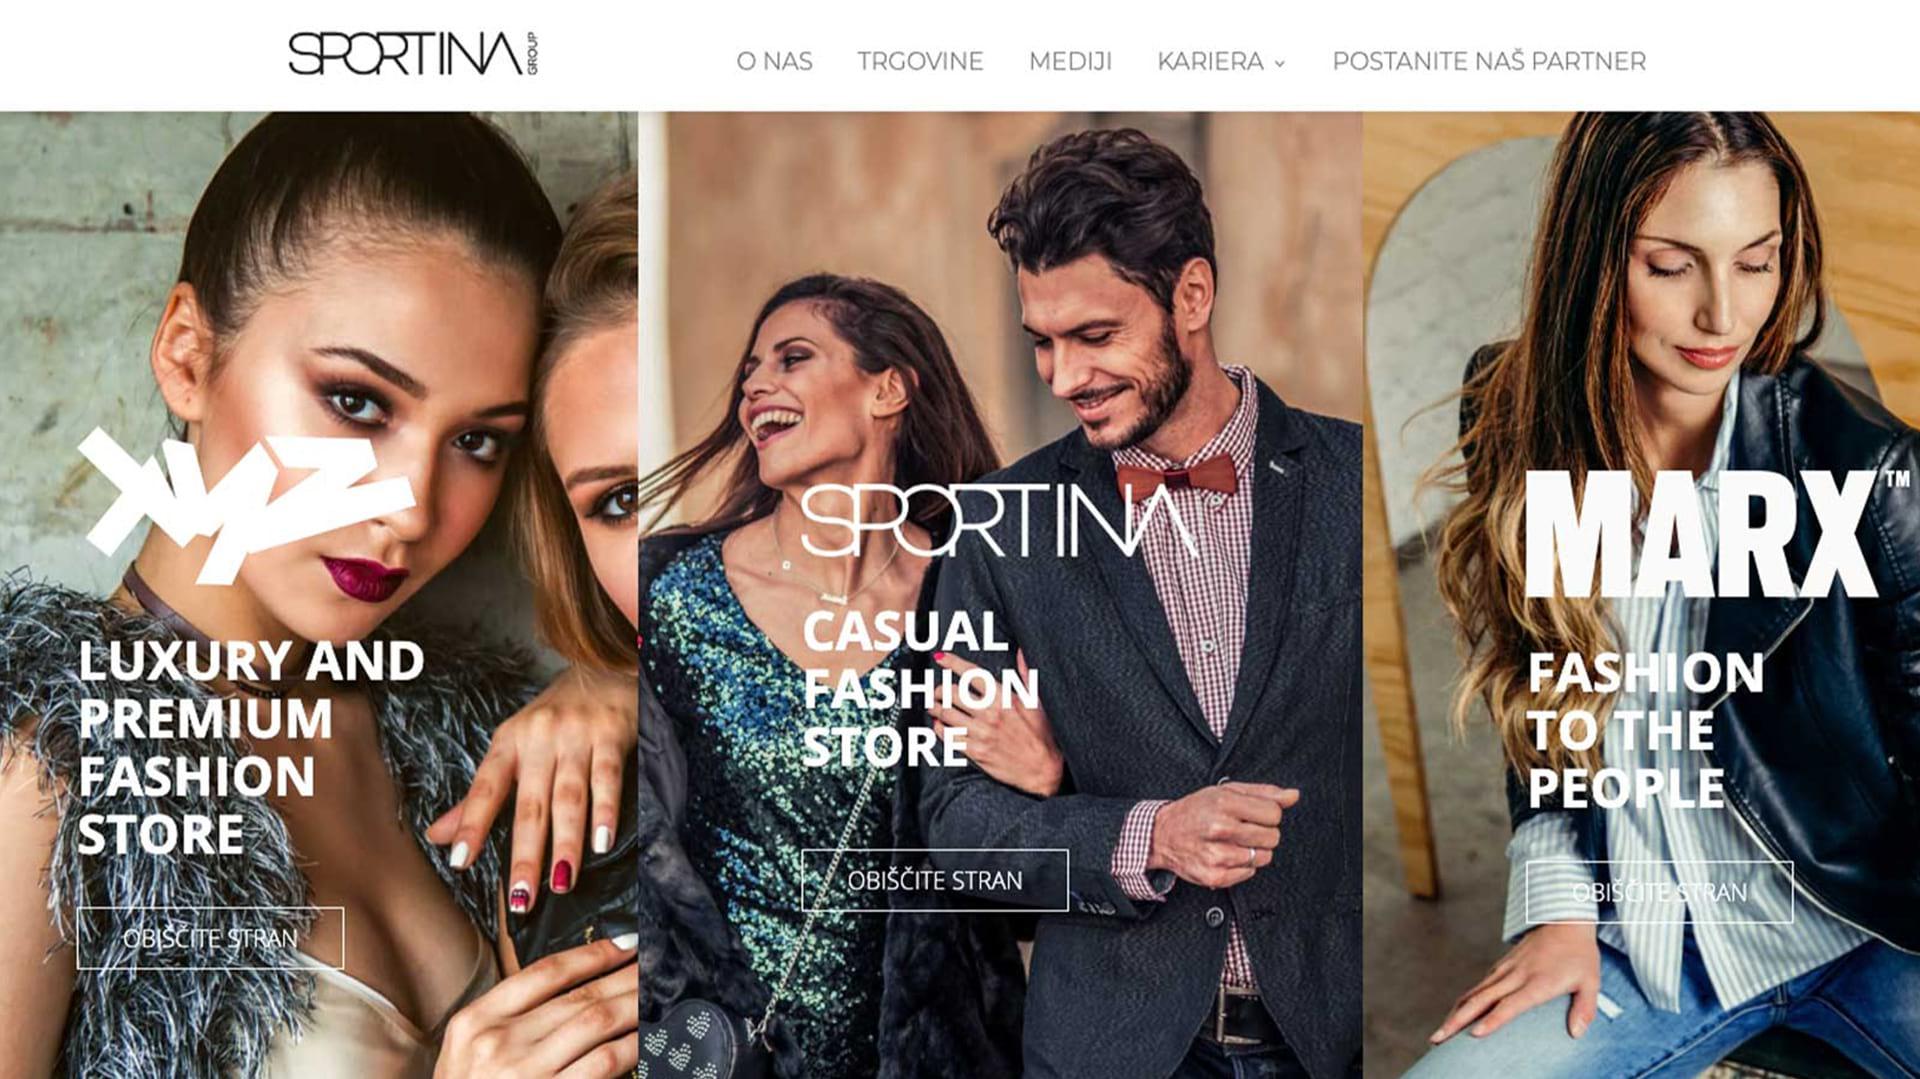 Sportina Group: Korporativno spletno mesto